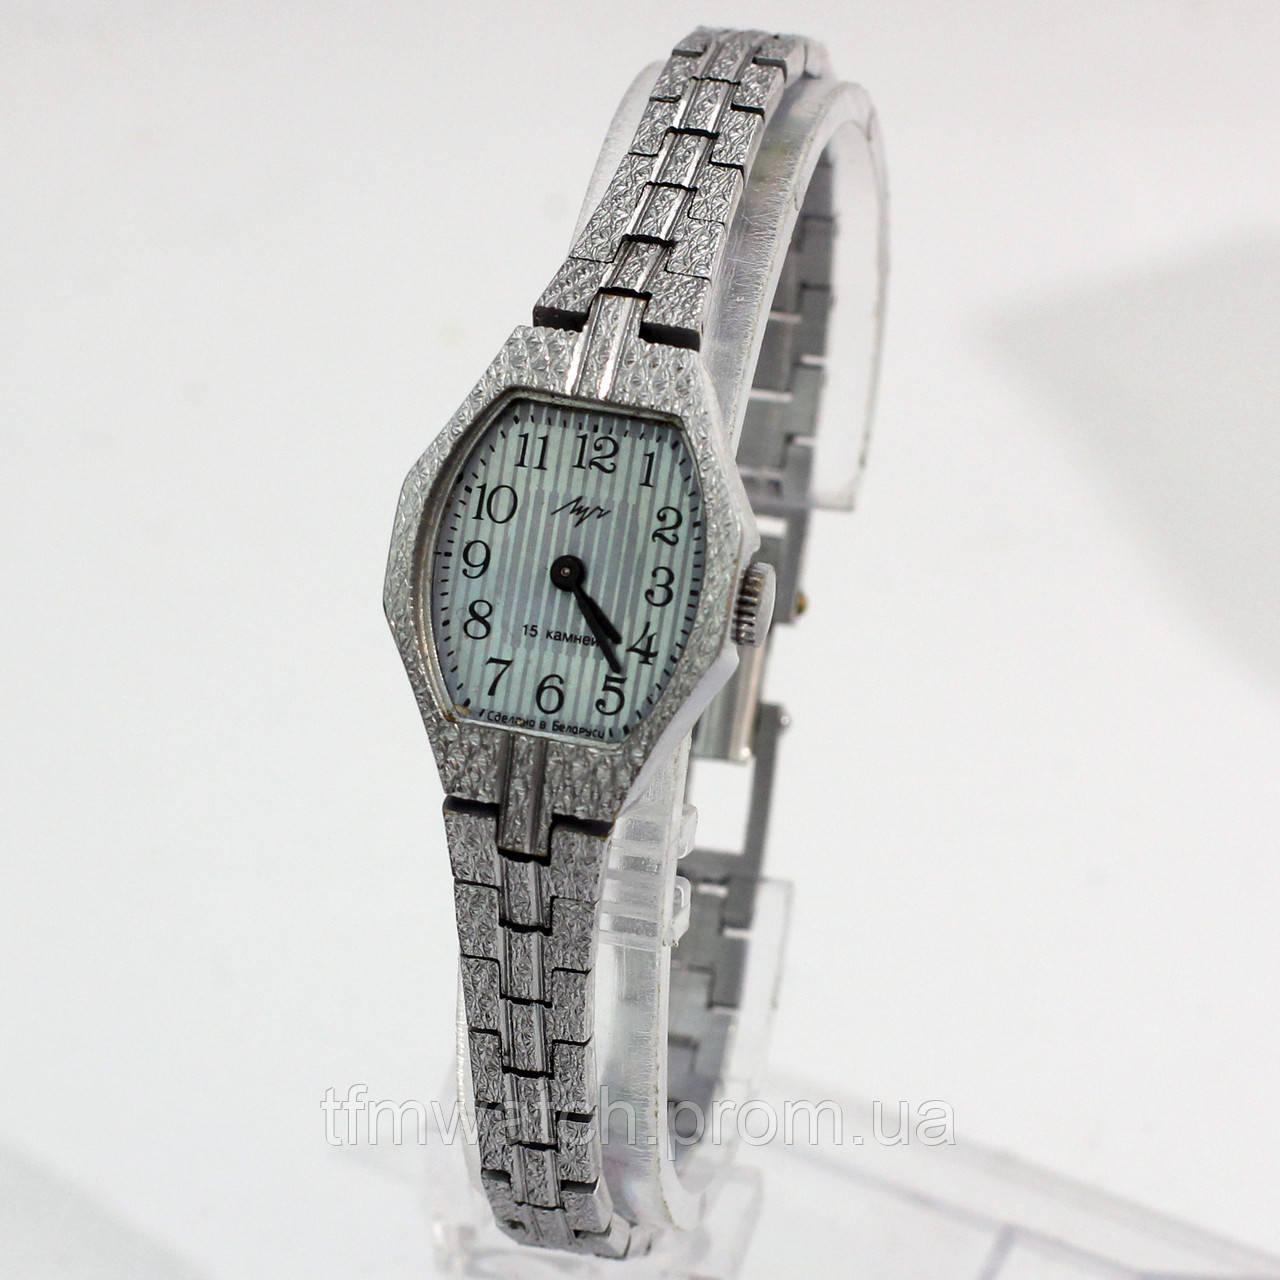 Женские часы Луч на металлическом браслете